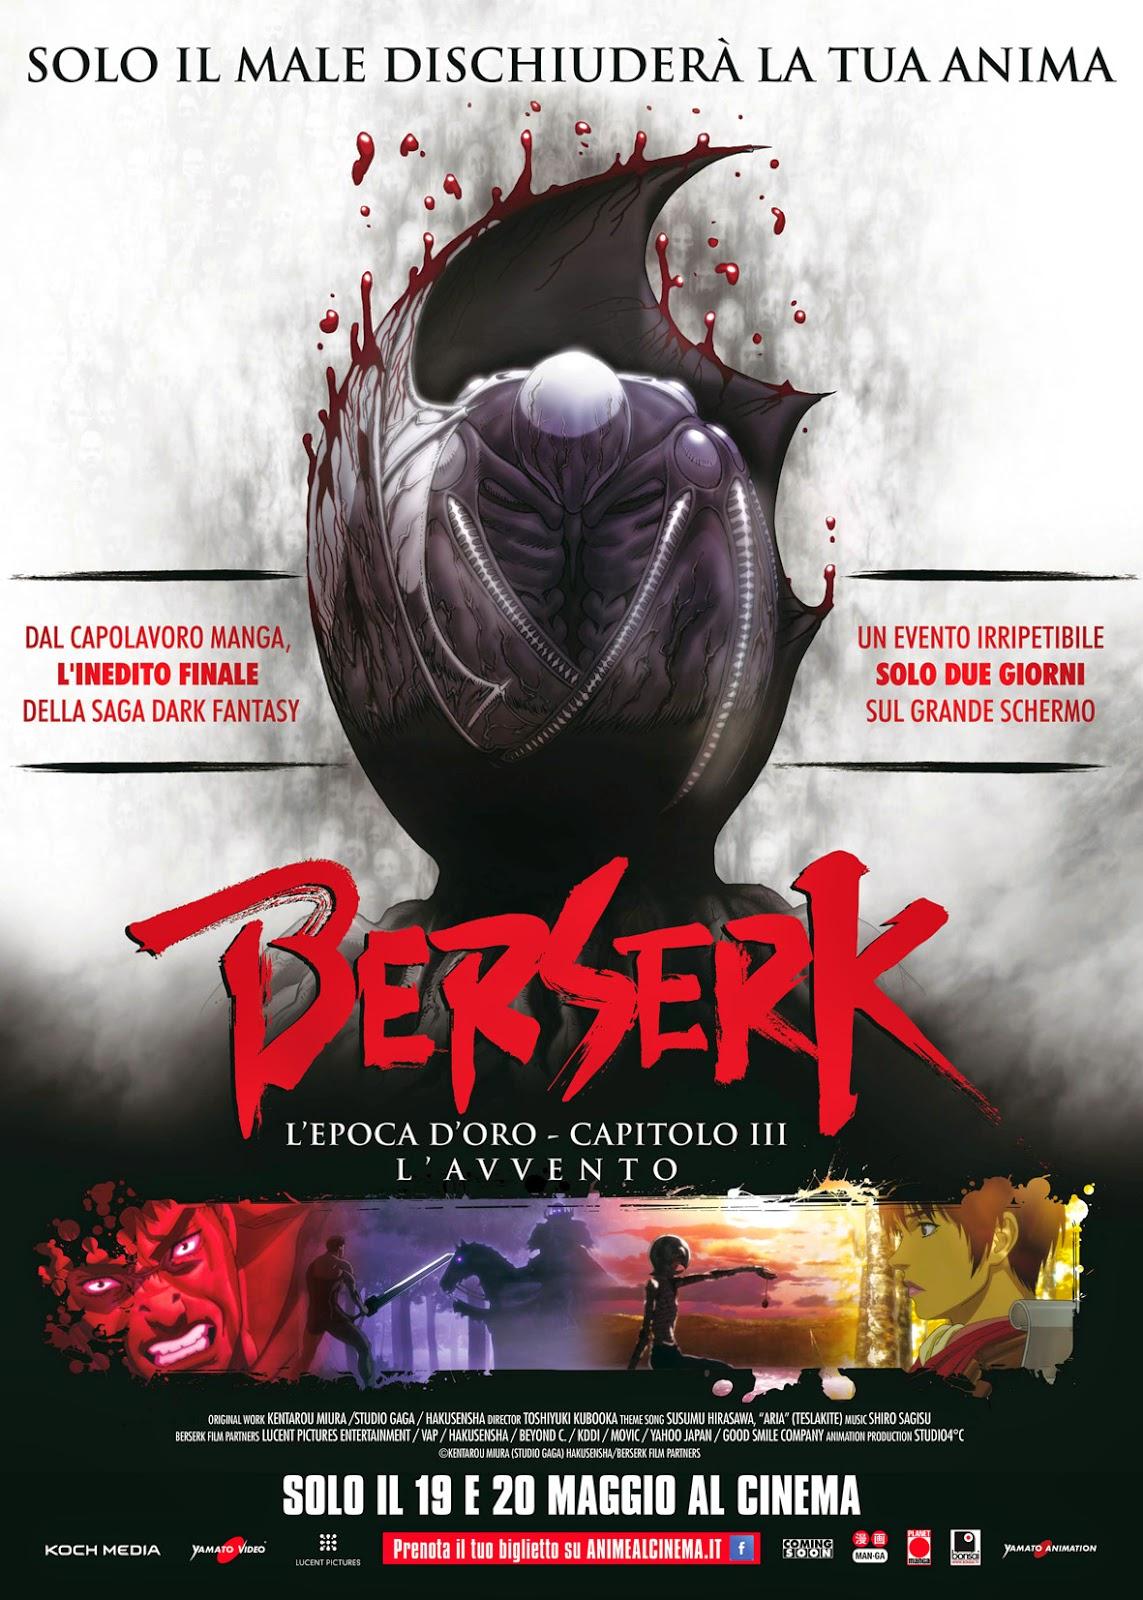 BERSERK, IL FILM CONCLUSIVO DELLA TRILOGIA DELL'EPOCA D'ORO NEI CINEMA ITALIANI